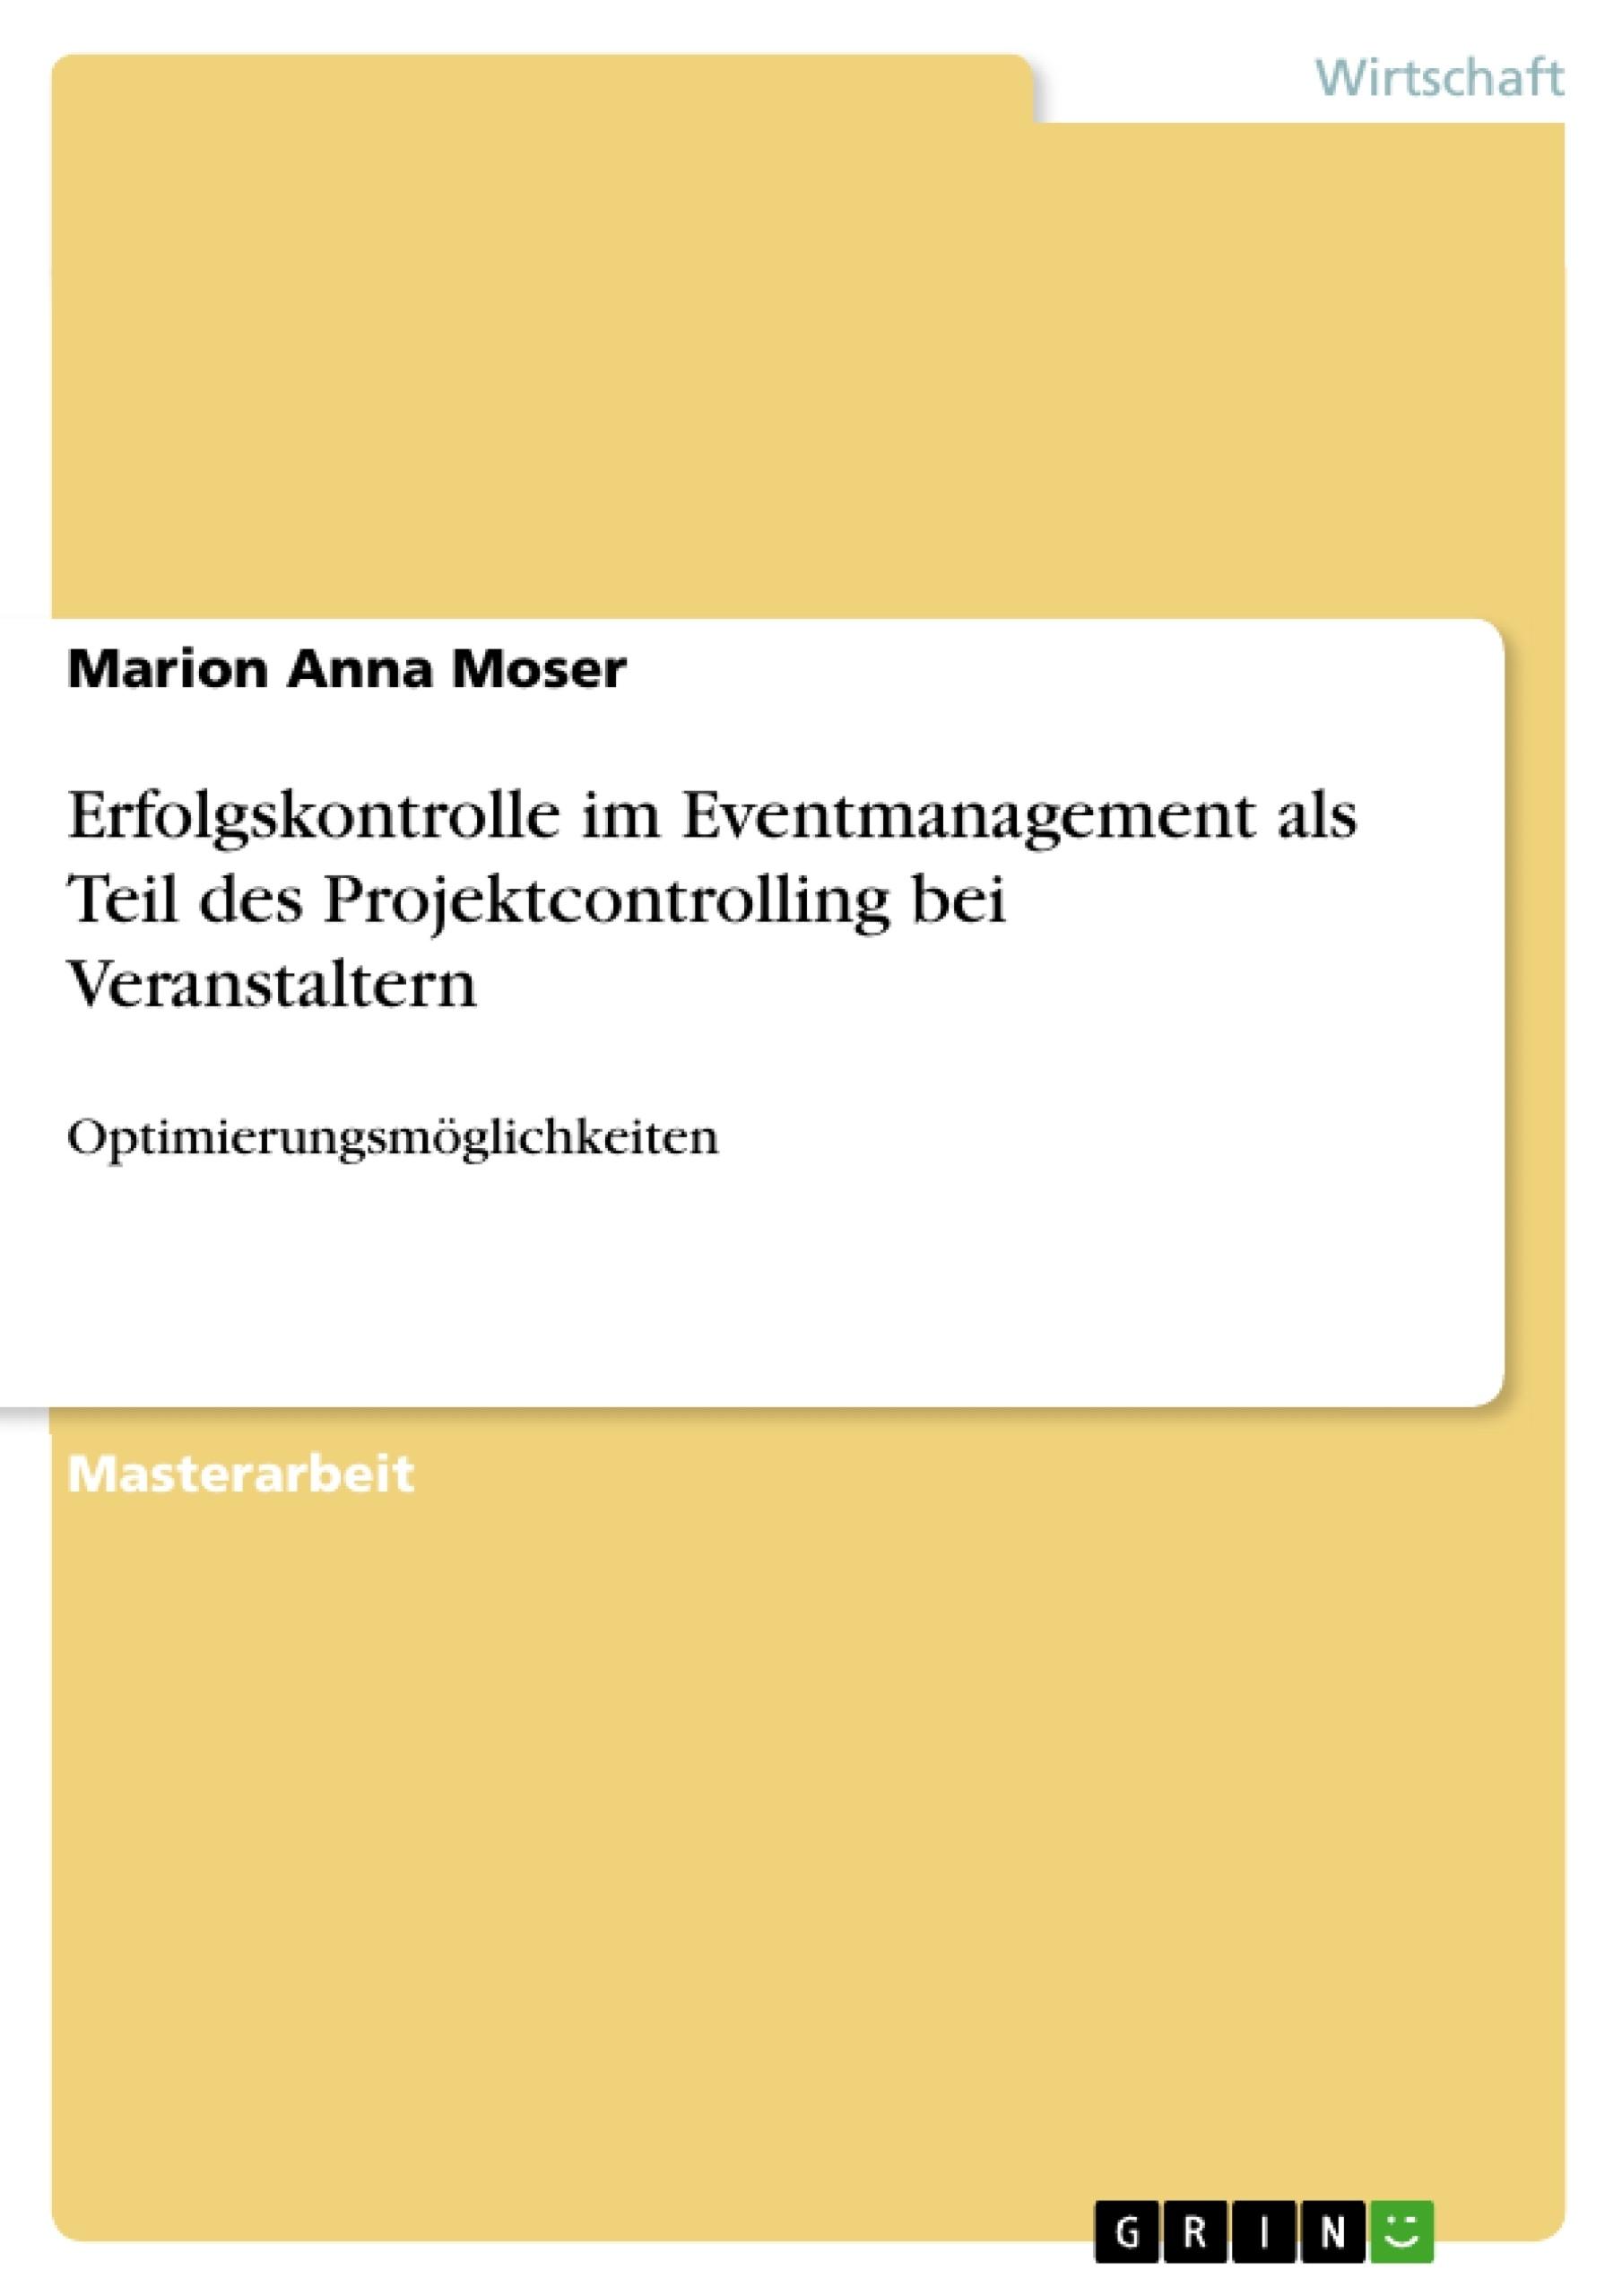 Titel: Erfolgskontrolle im Eventmanagement als Teil des Projektcontrolling bei Veranstaltern